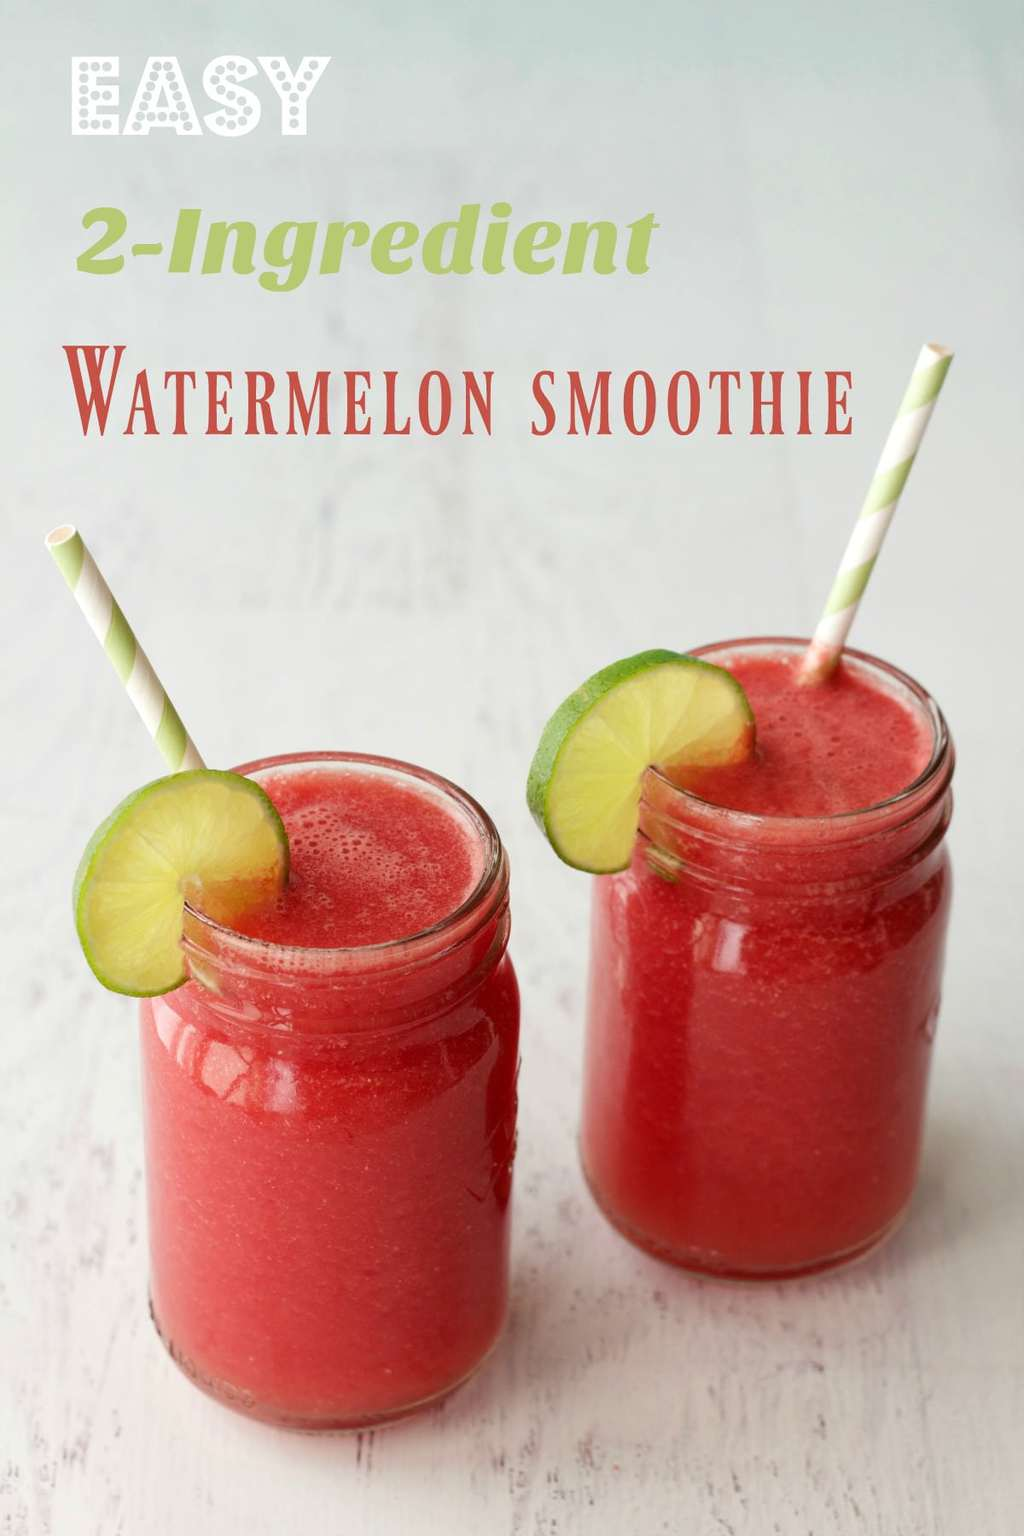 Watermelon Smoothie #vegan #lovingitvegan #smoothie #watermelon #watermelonsmoothie